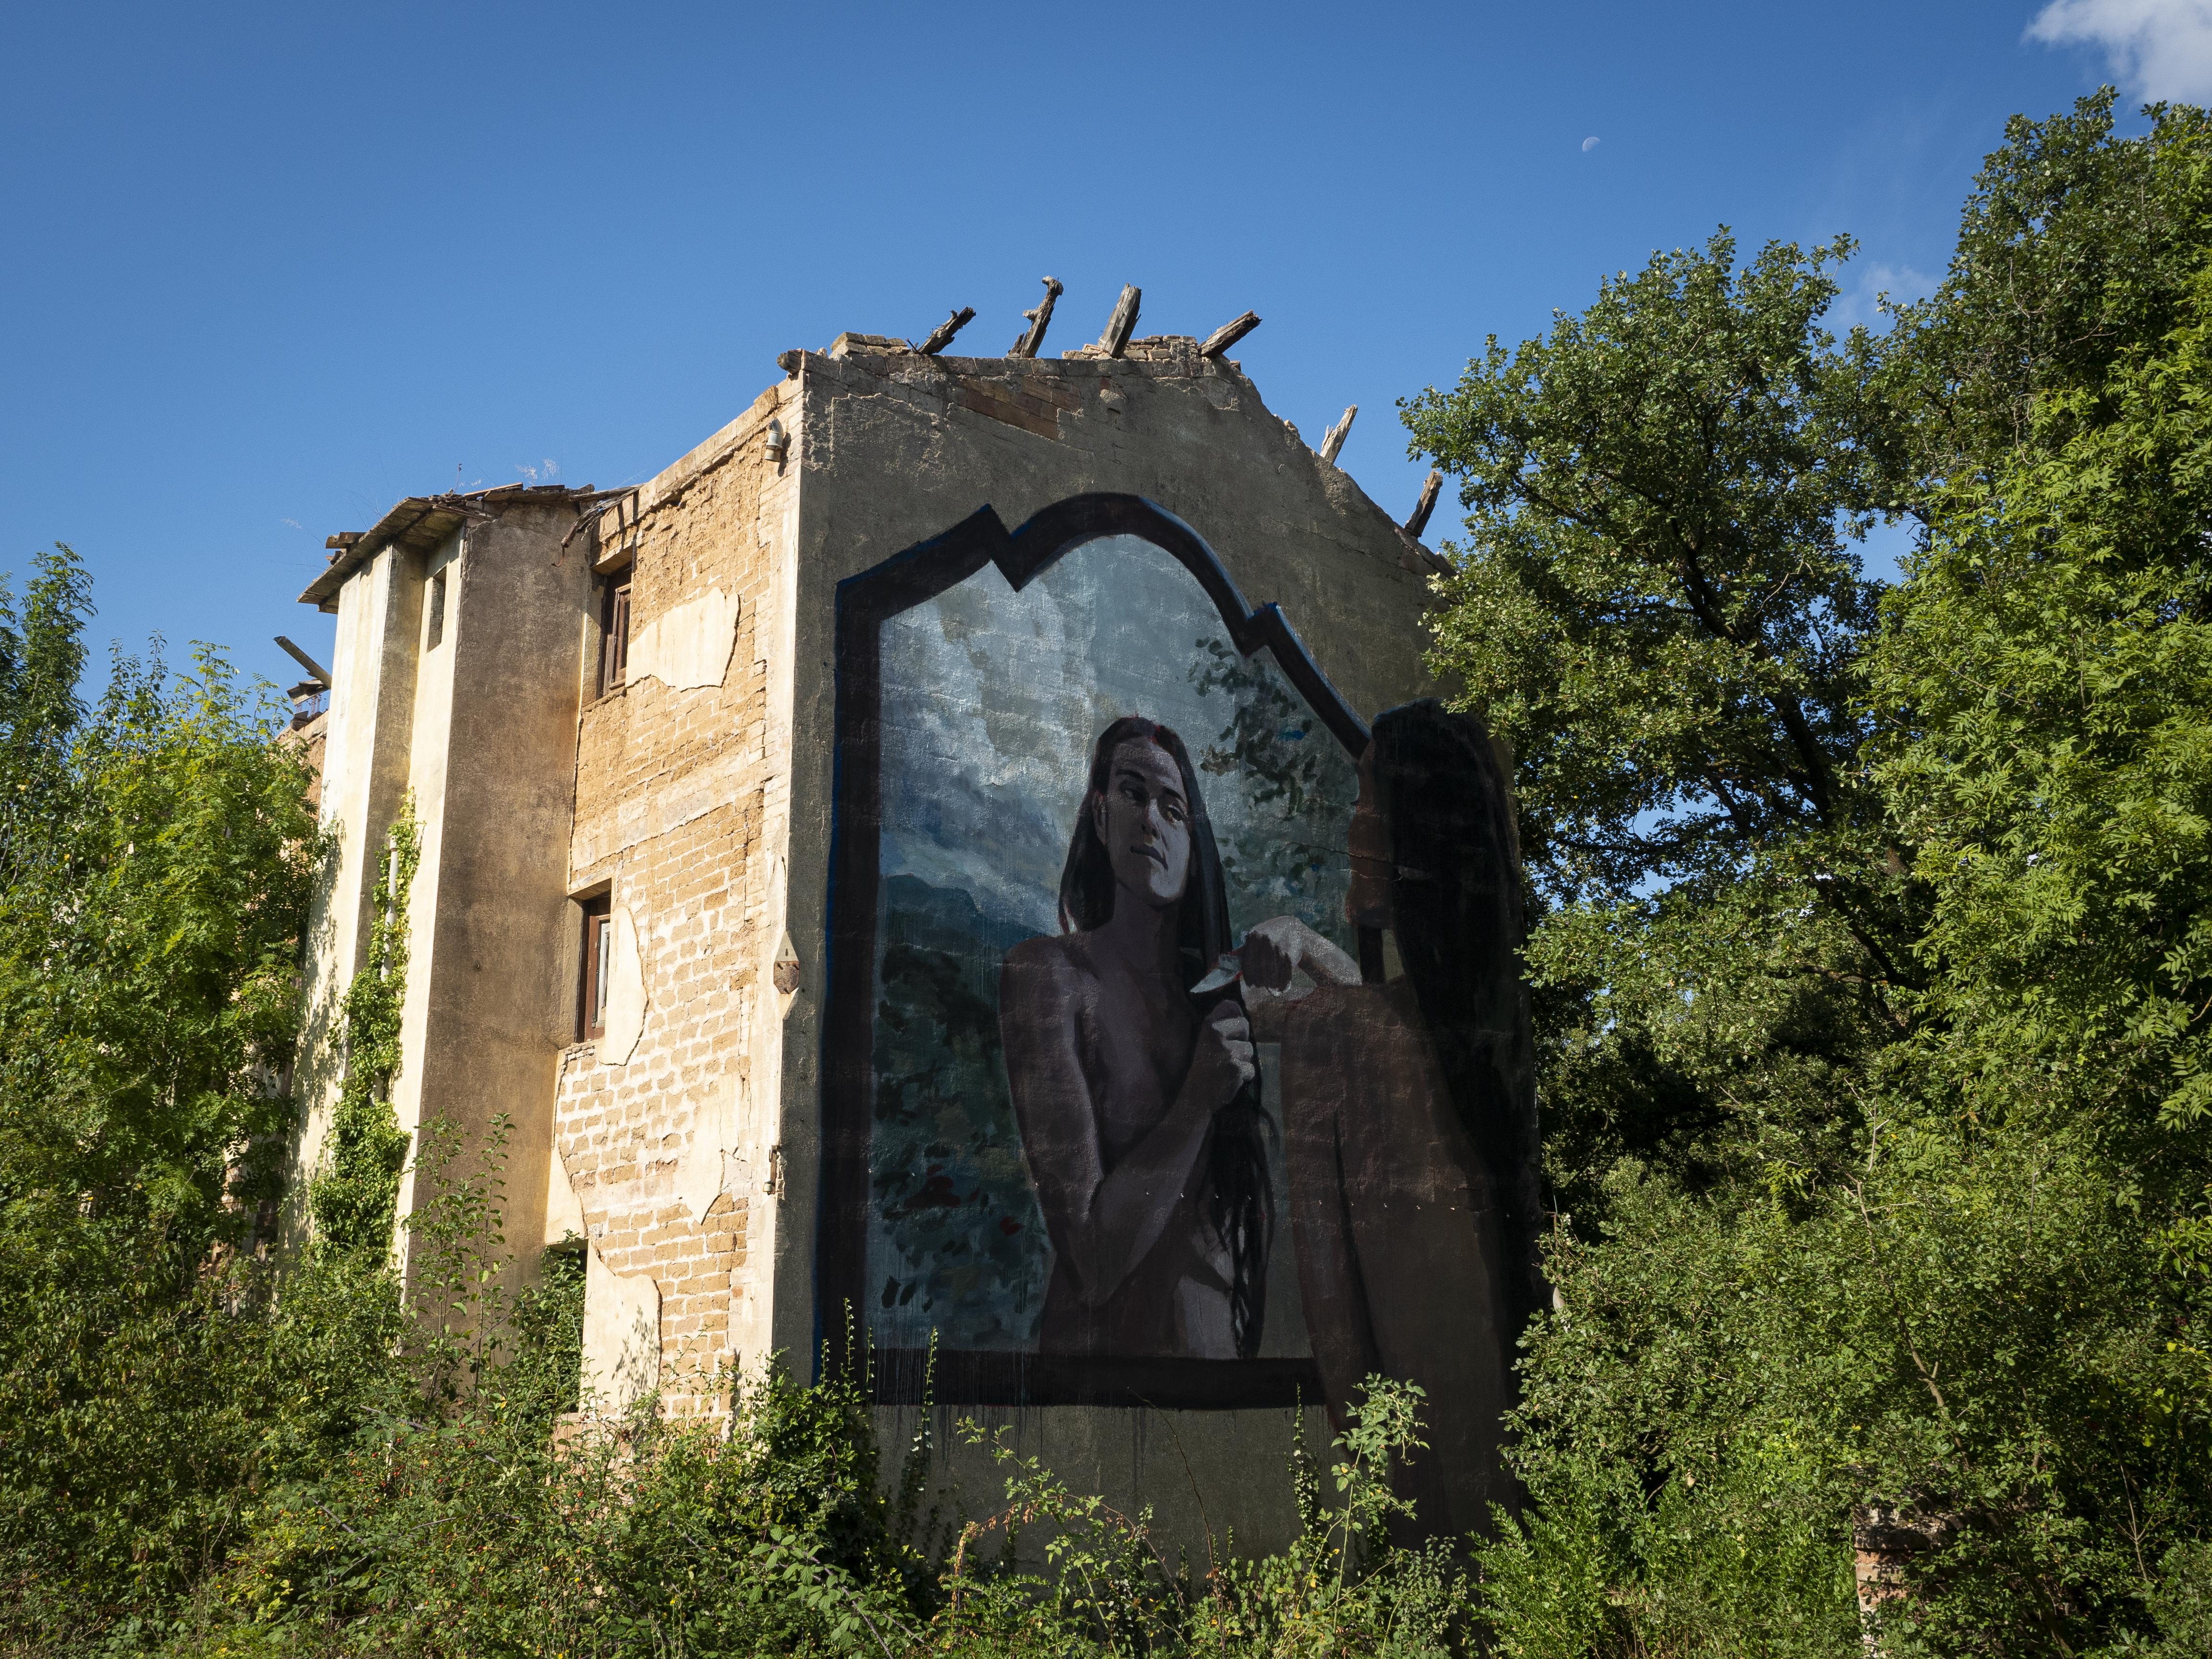 Construcció amb mural a la Via Verda de Cal Rosal a Pedret. FOTO: Anna E. Puig